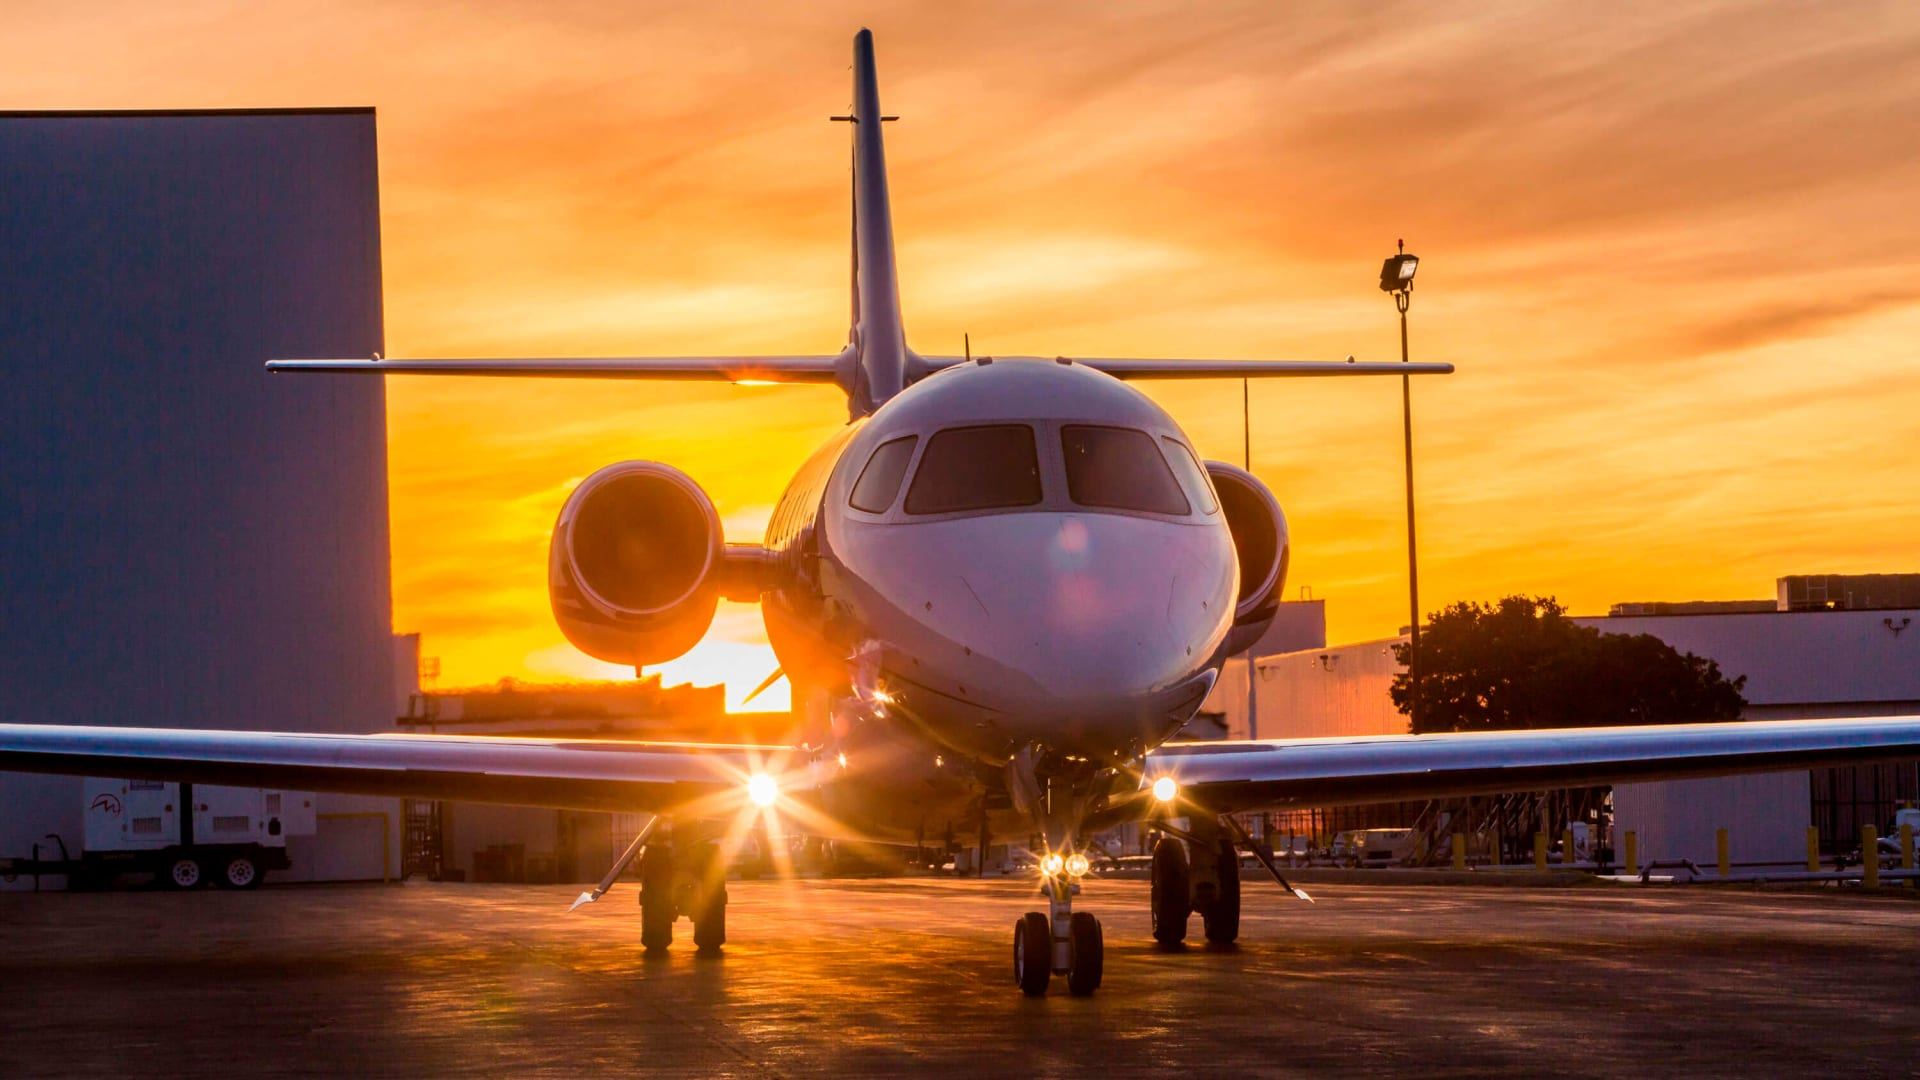 الطائرات الخاصة.. حل سفر الأثرياء وسط تفشّي فيروس كورونا الجديد